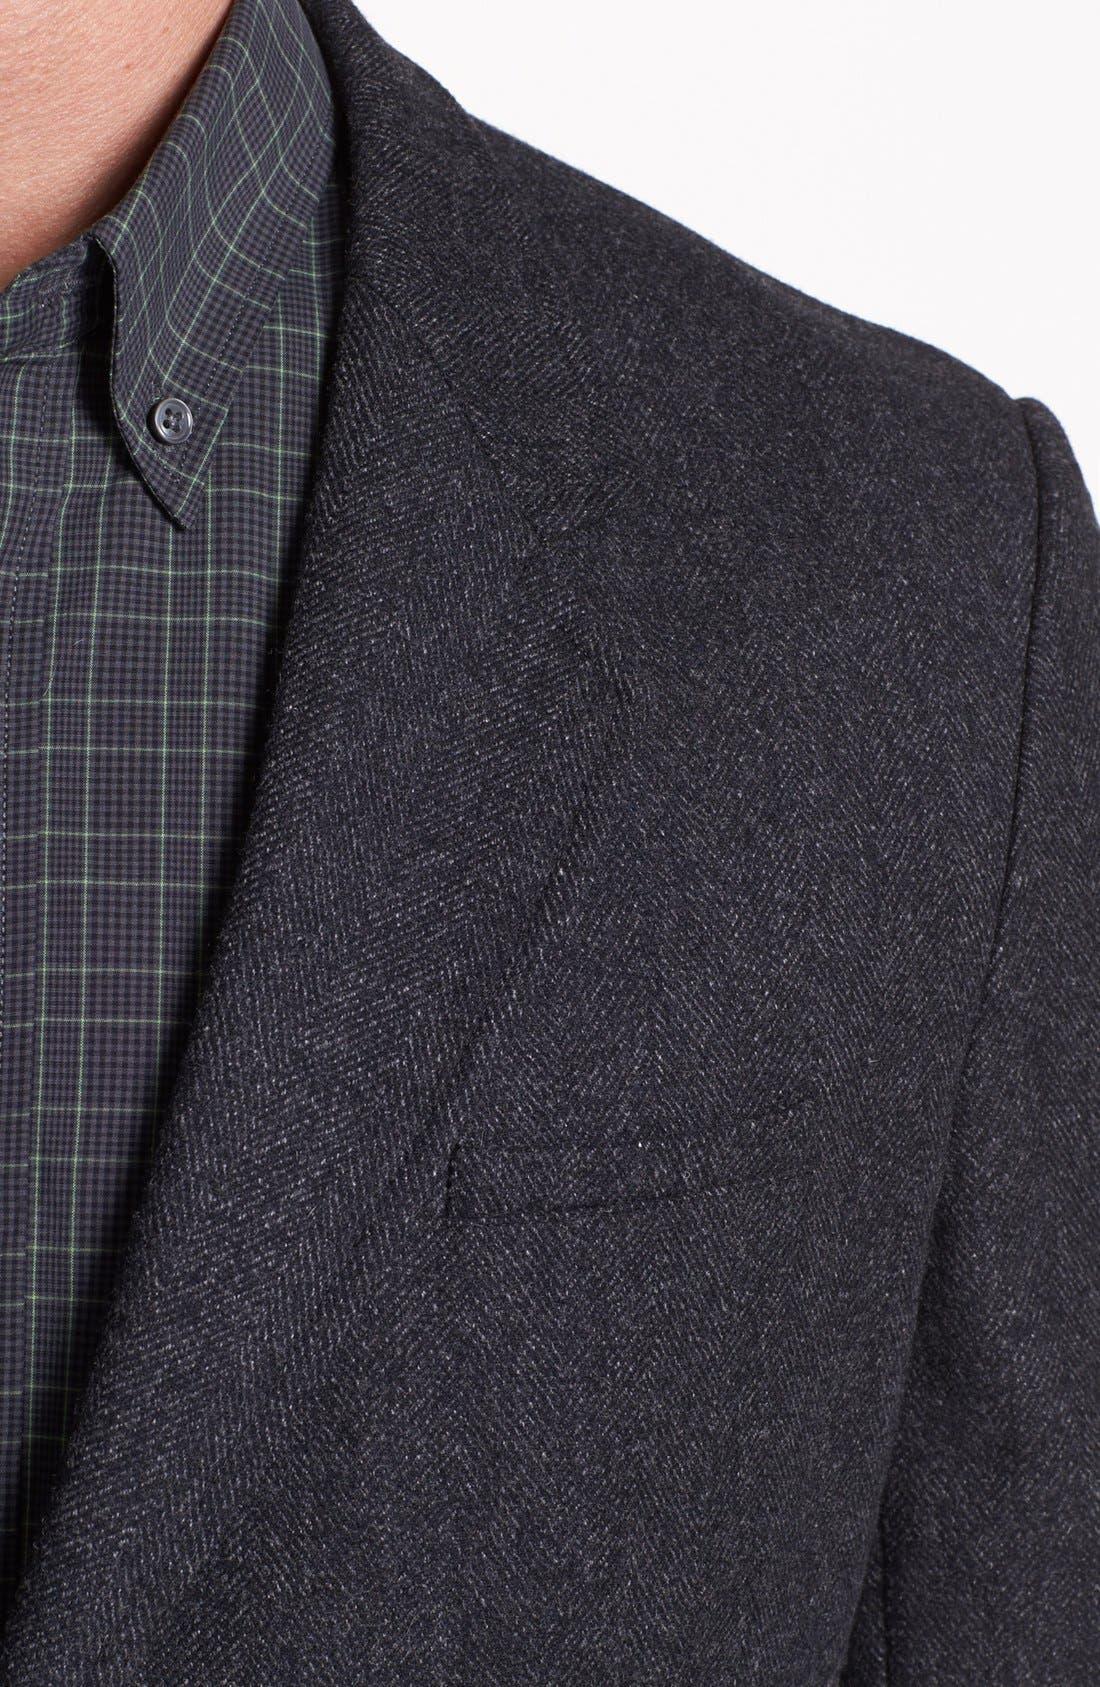 Alternate Image 3  - Cutter & Buck 'Tavern Law' Sportcoat (Big & Tall)